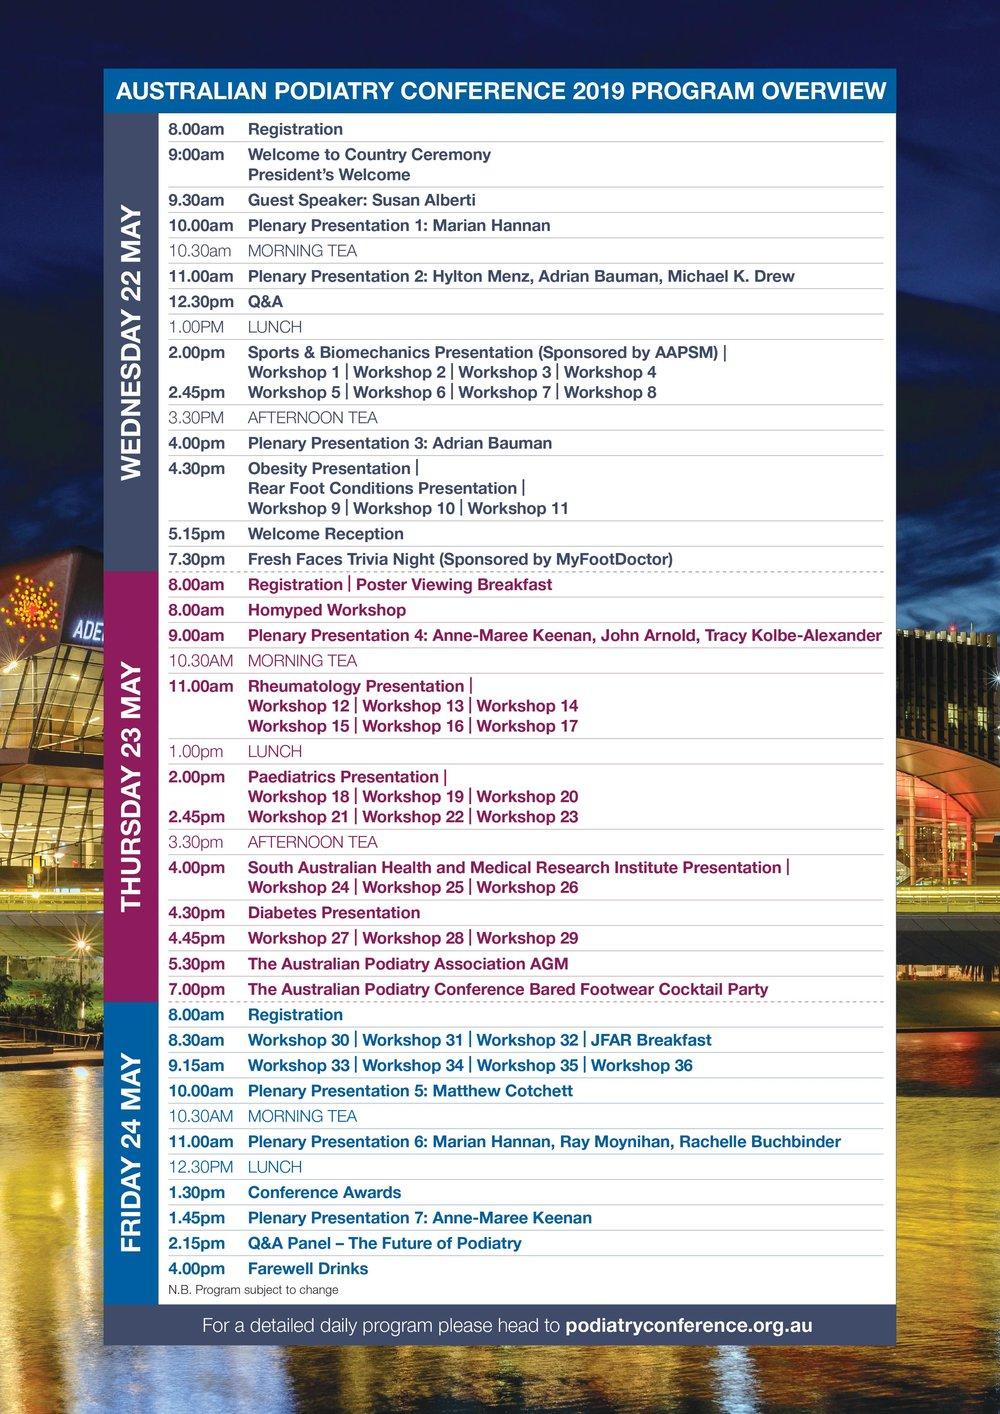 Conference Program Overview 2019 v4.jpg